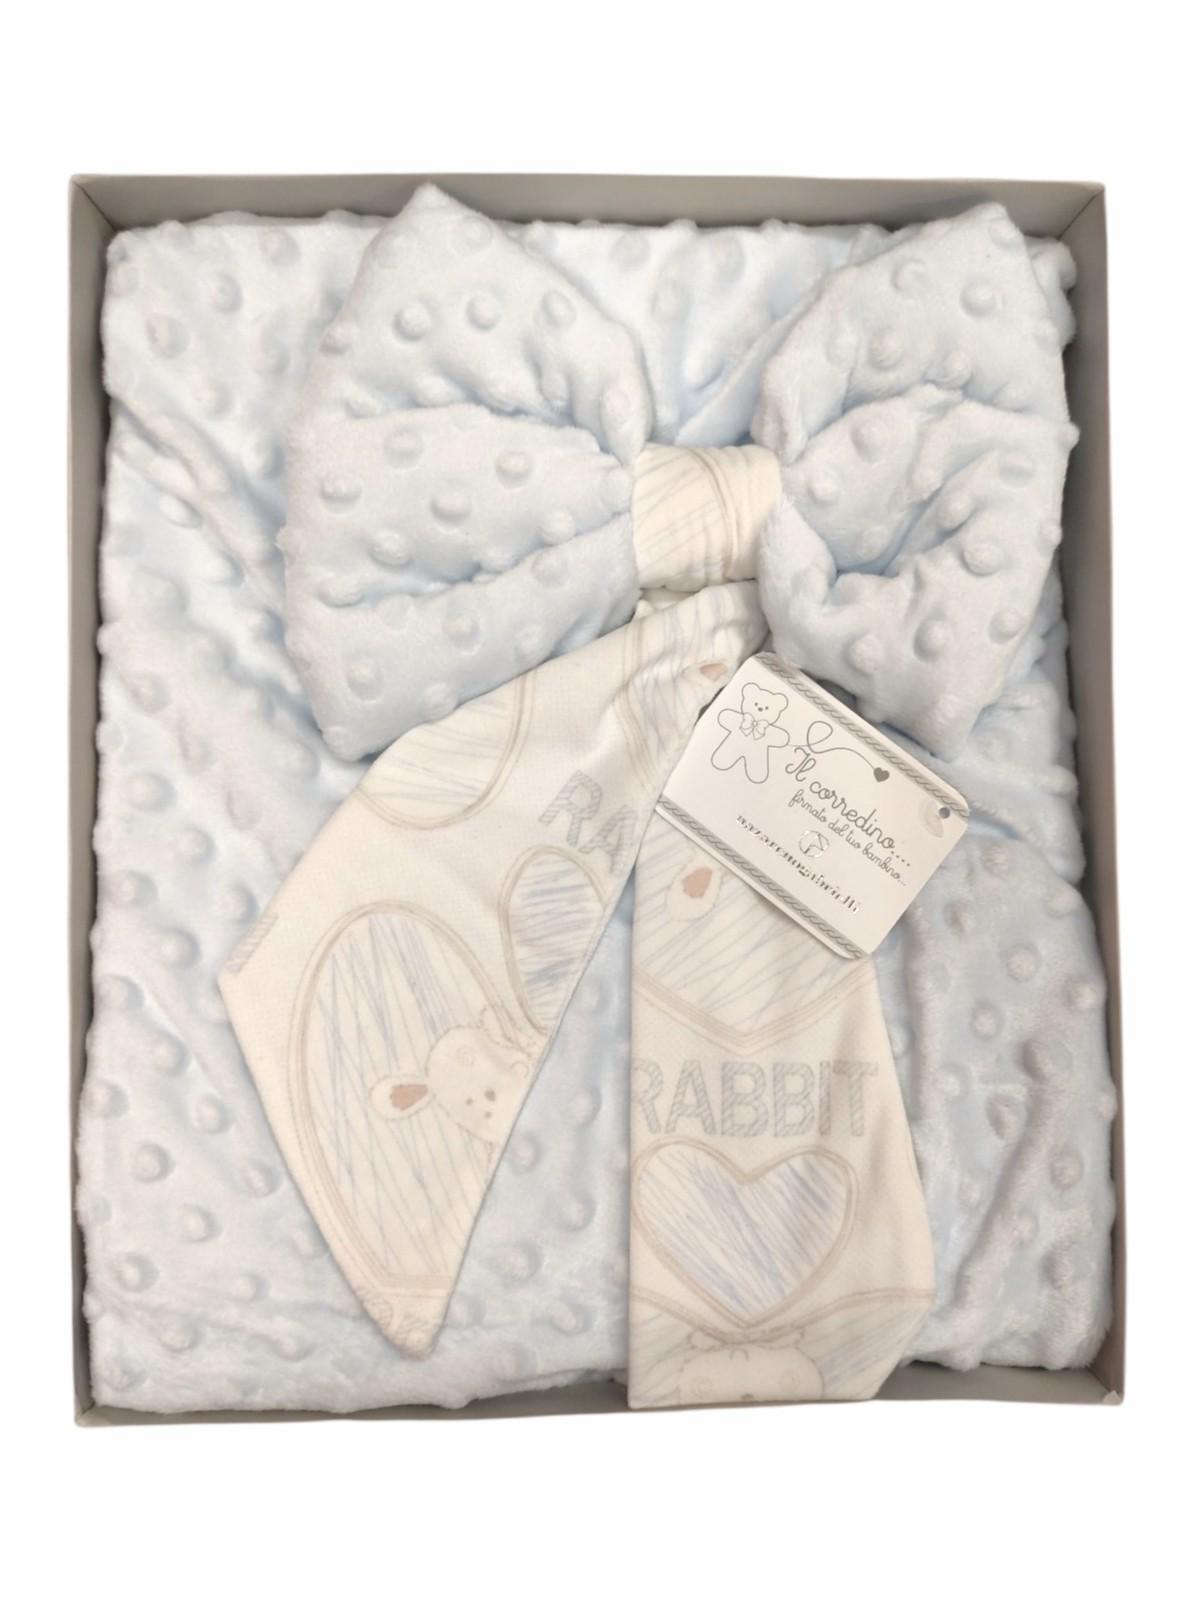 Copertina lettino 110x140cm invernale